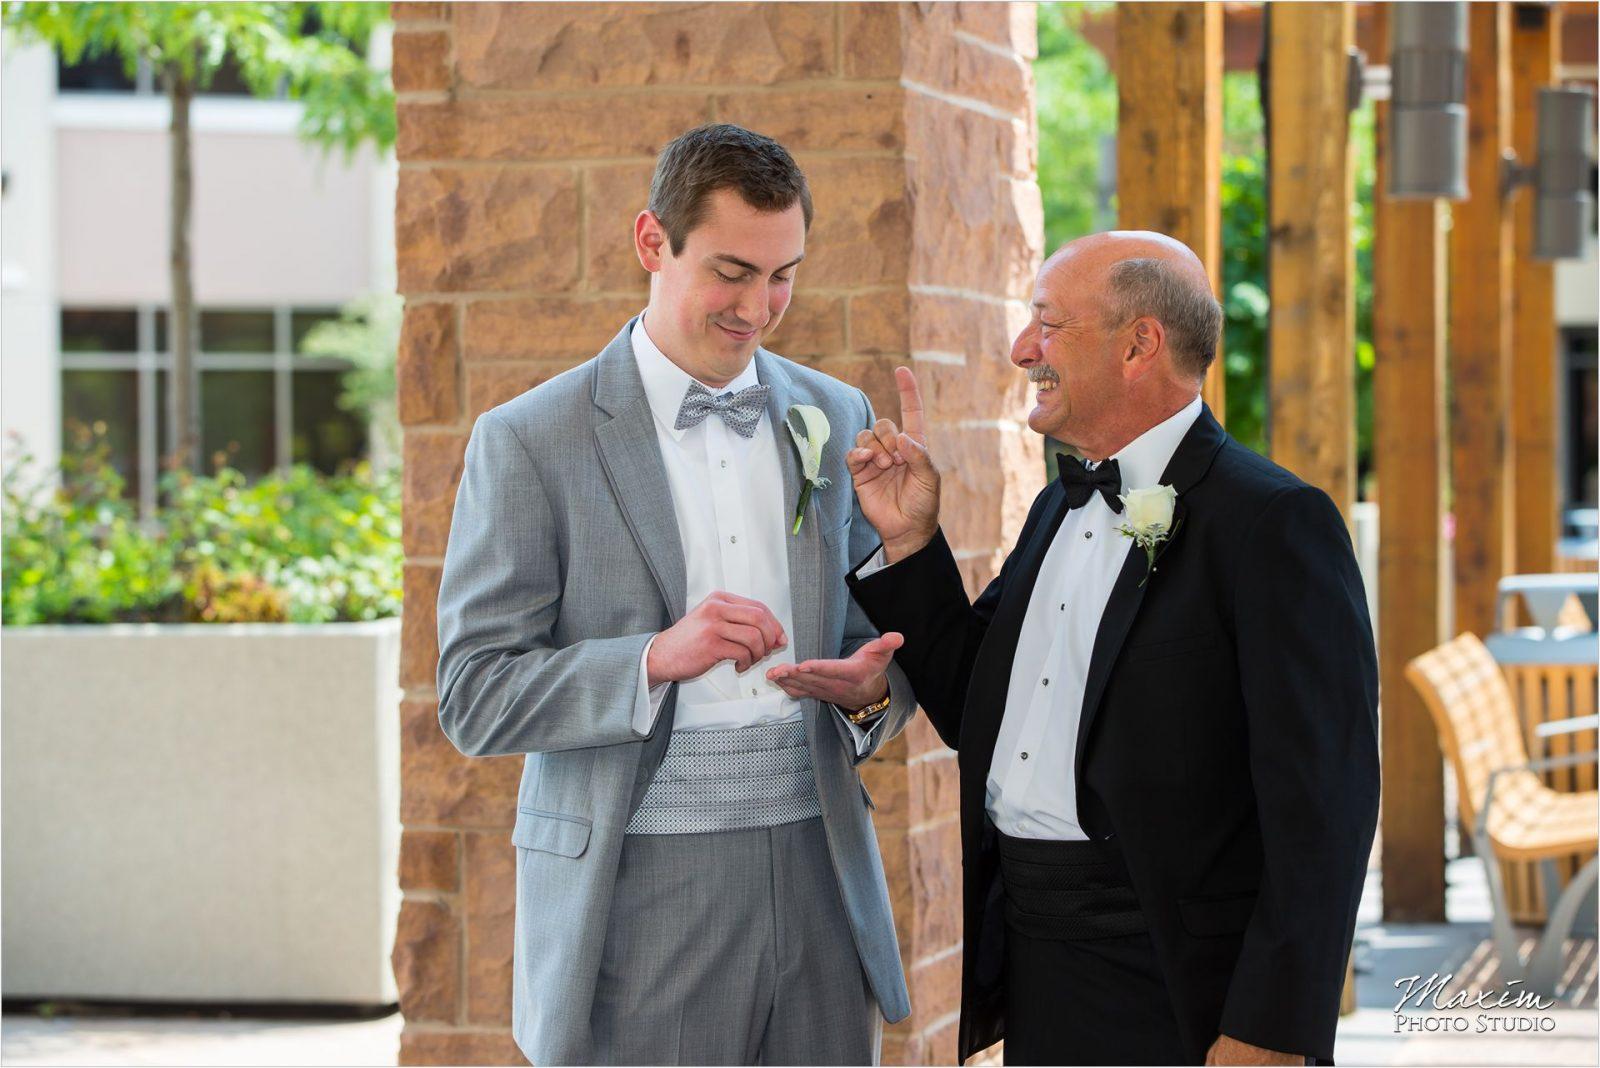 Cincinnati Bell Event Centre Wedding Groom Groomsmen